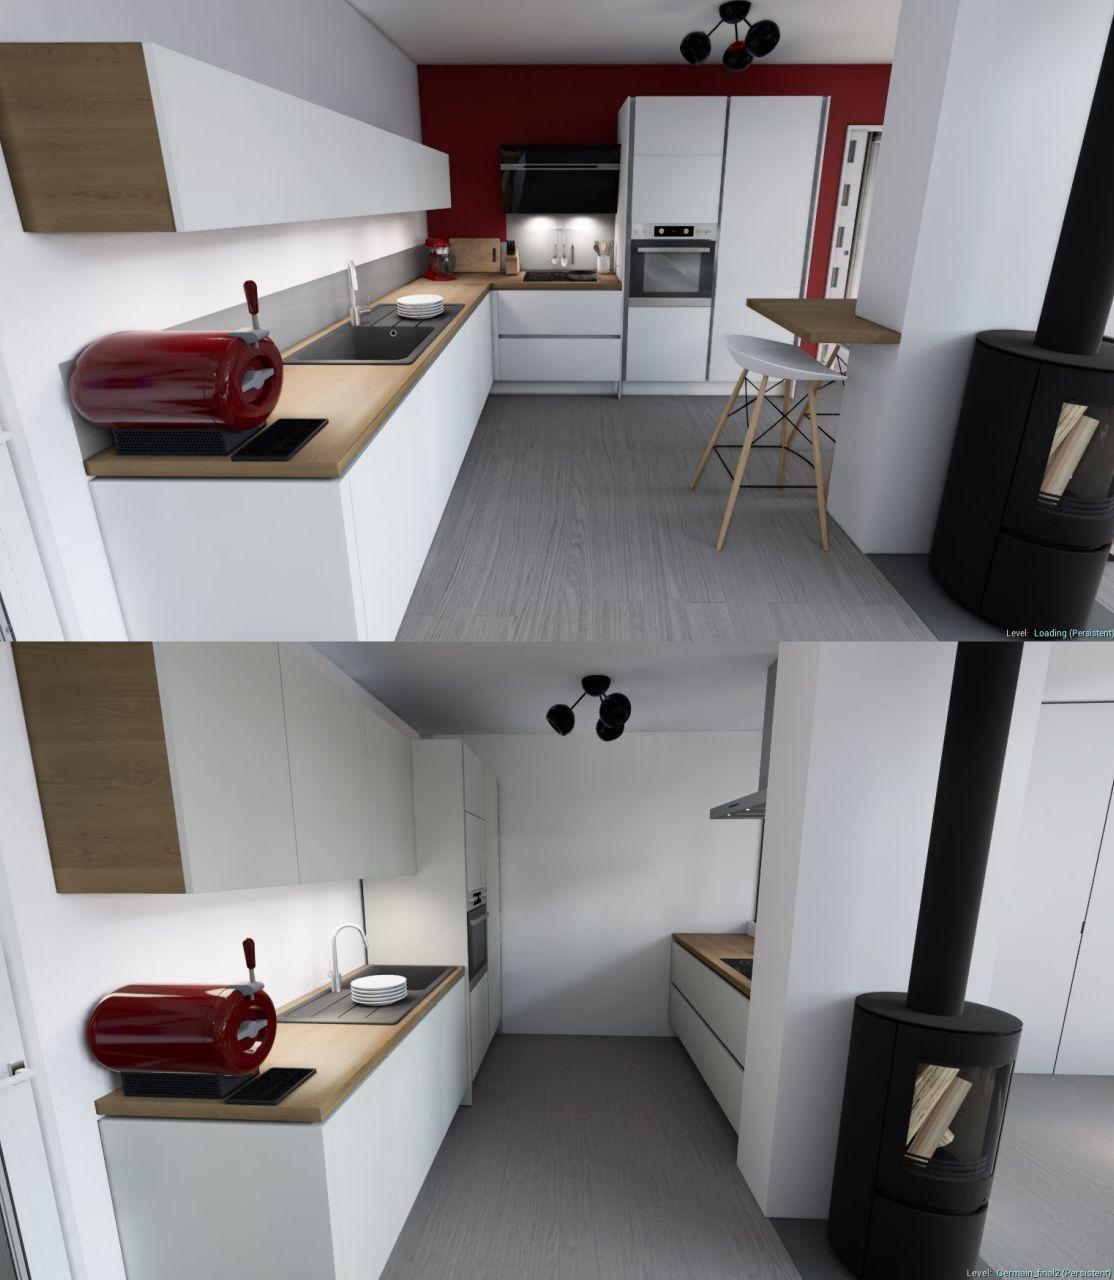 Modification de la cuisine après mise à jour des plans d?exécution. Poteau décalé vers la gauche et reculé : la tablette devenait gênante.